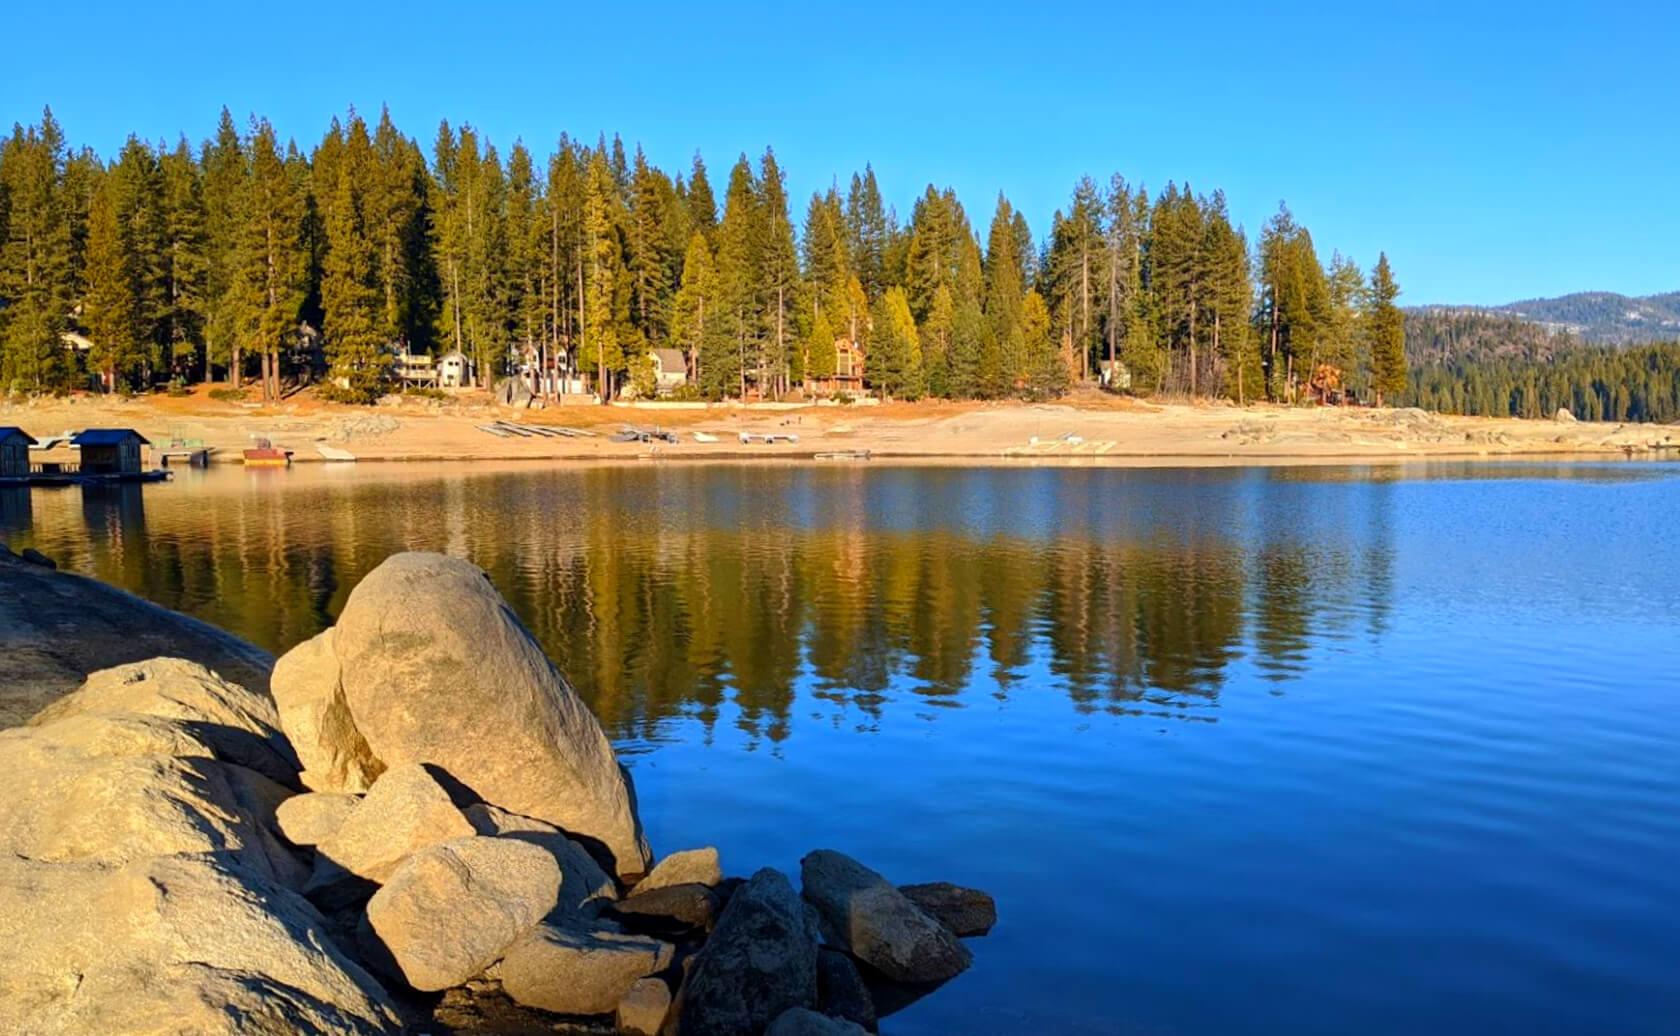 Shaver-Lake-Fishing-Guide-Report-California-02